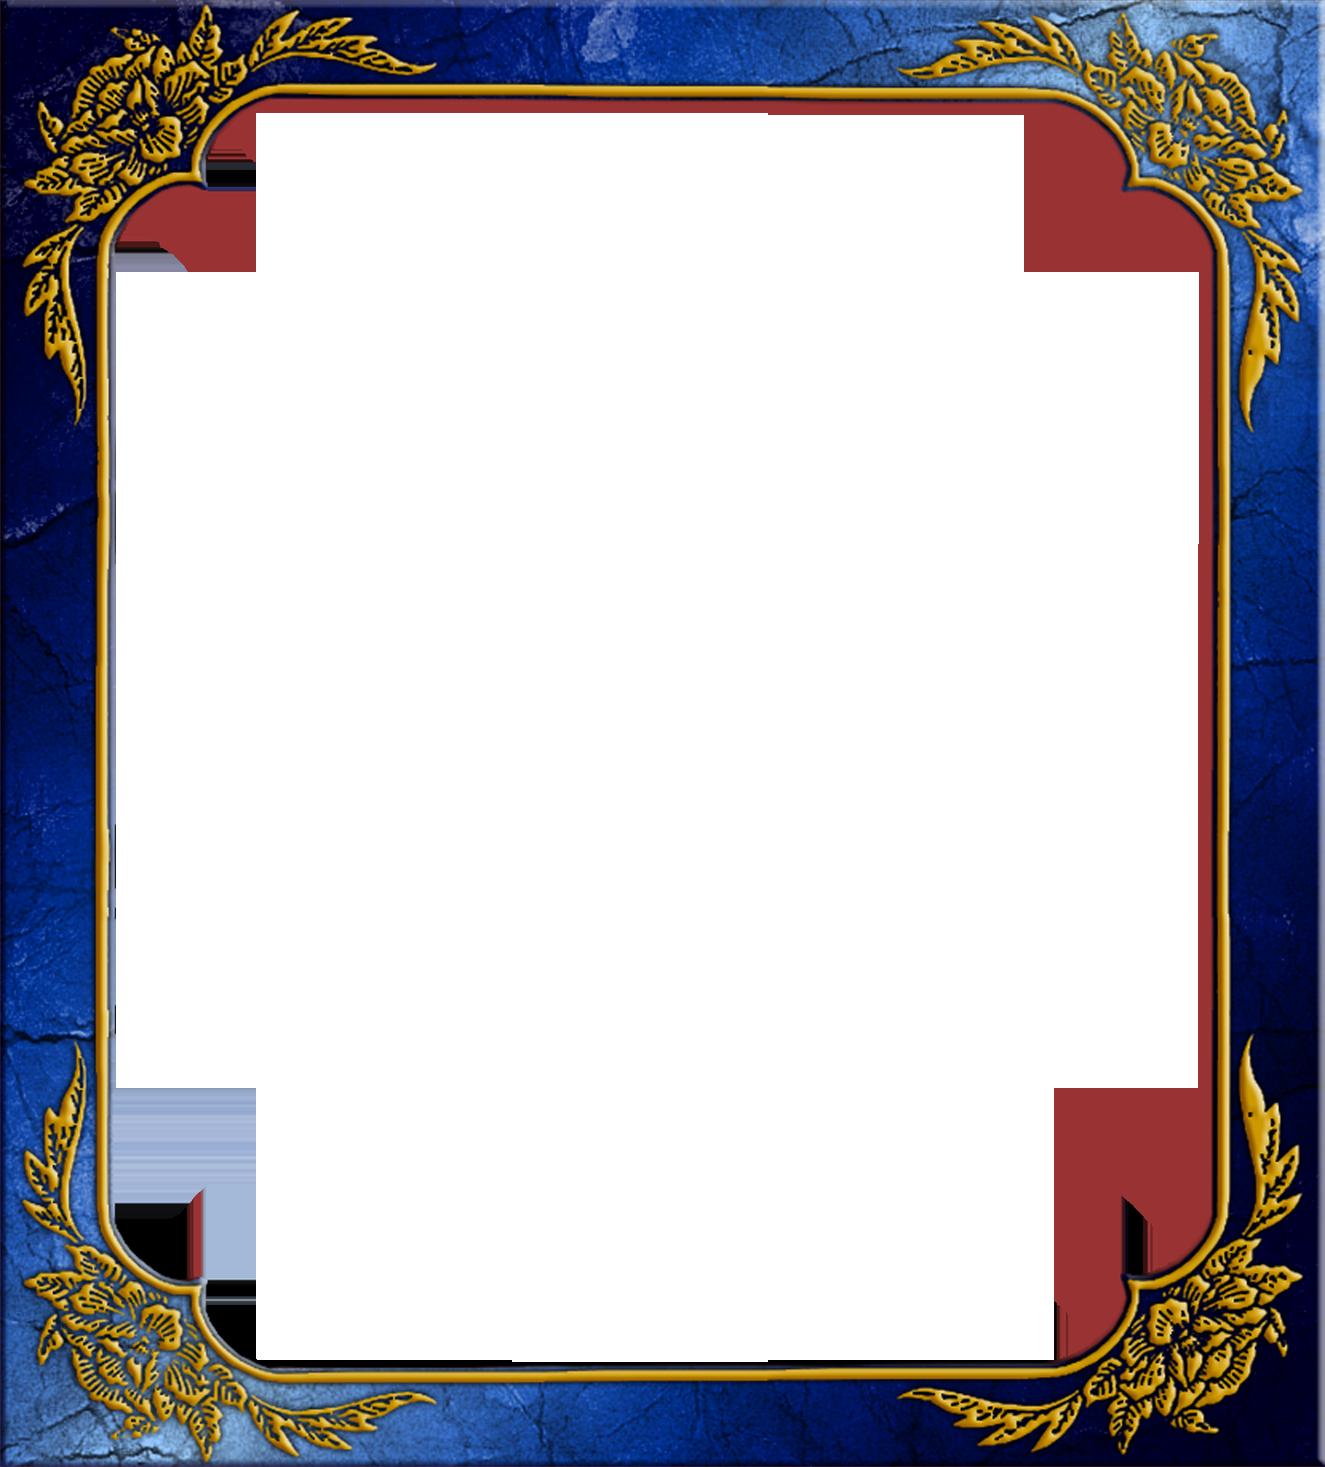 Photo frame png images, photo frame png Transparent